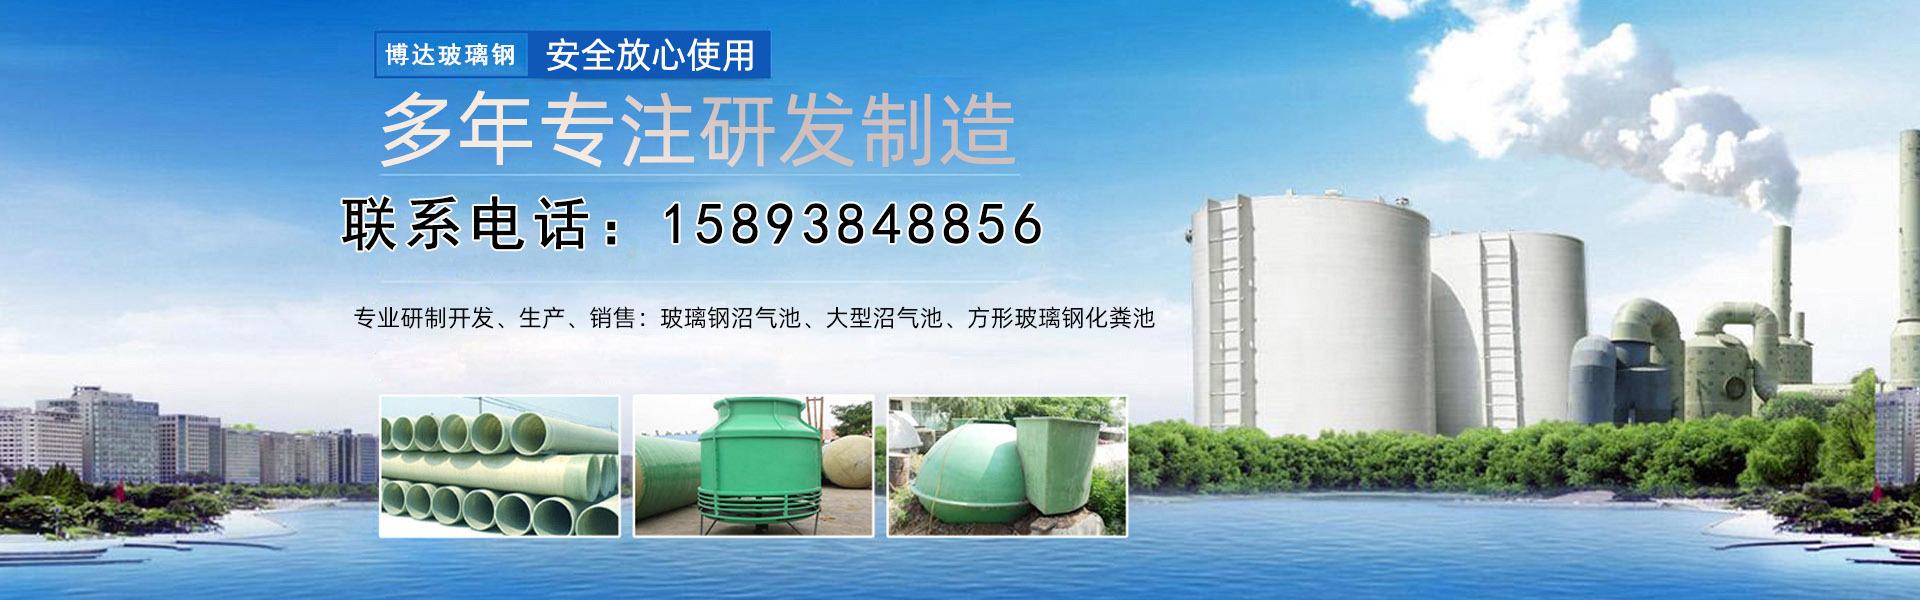 玻璃钢化粪池价格